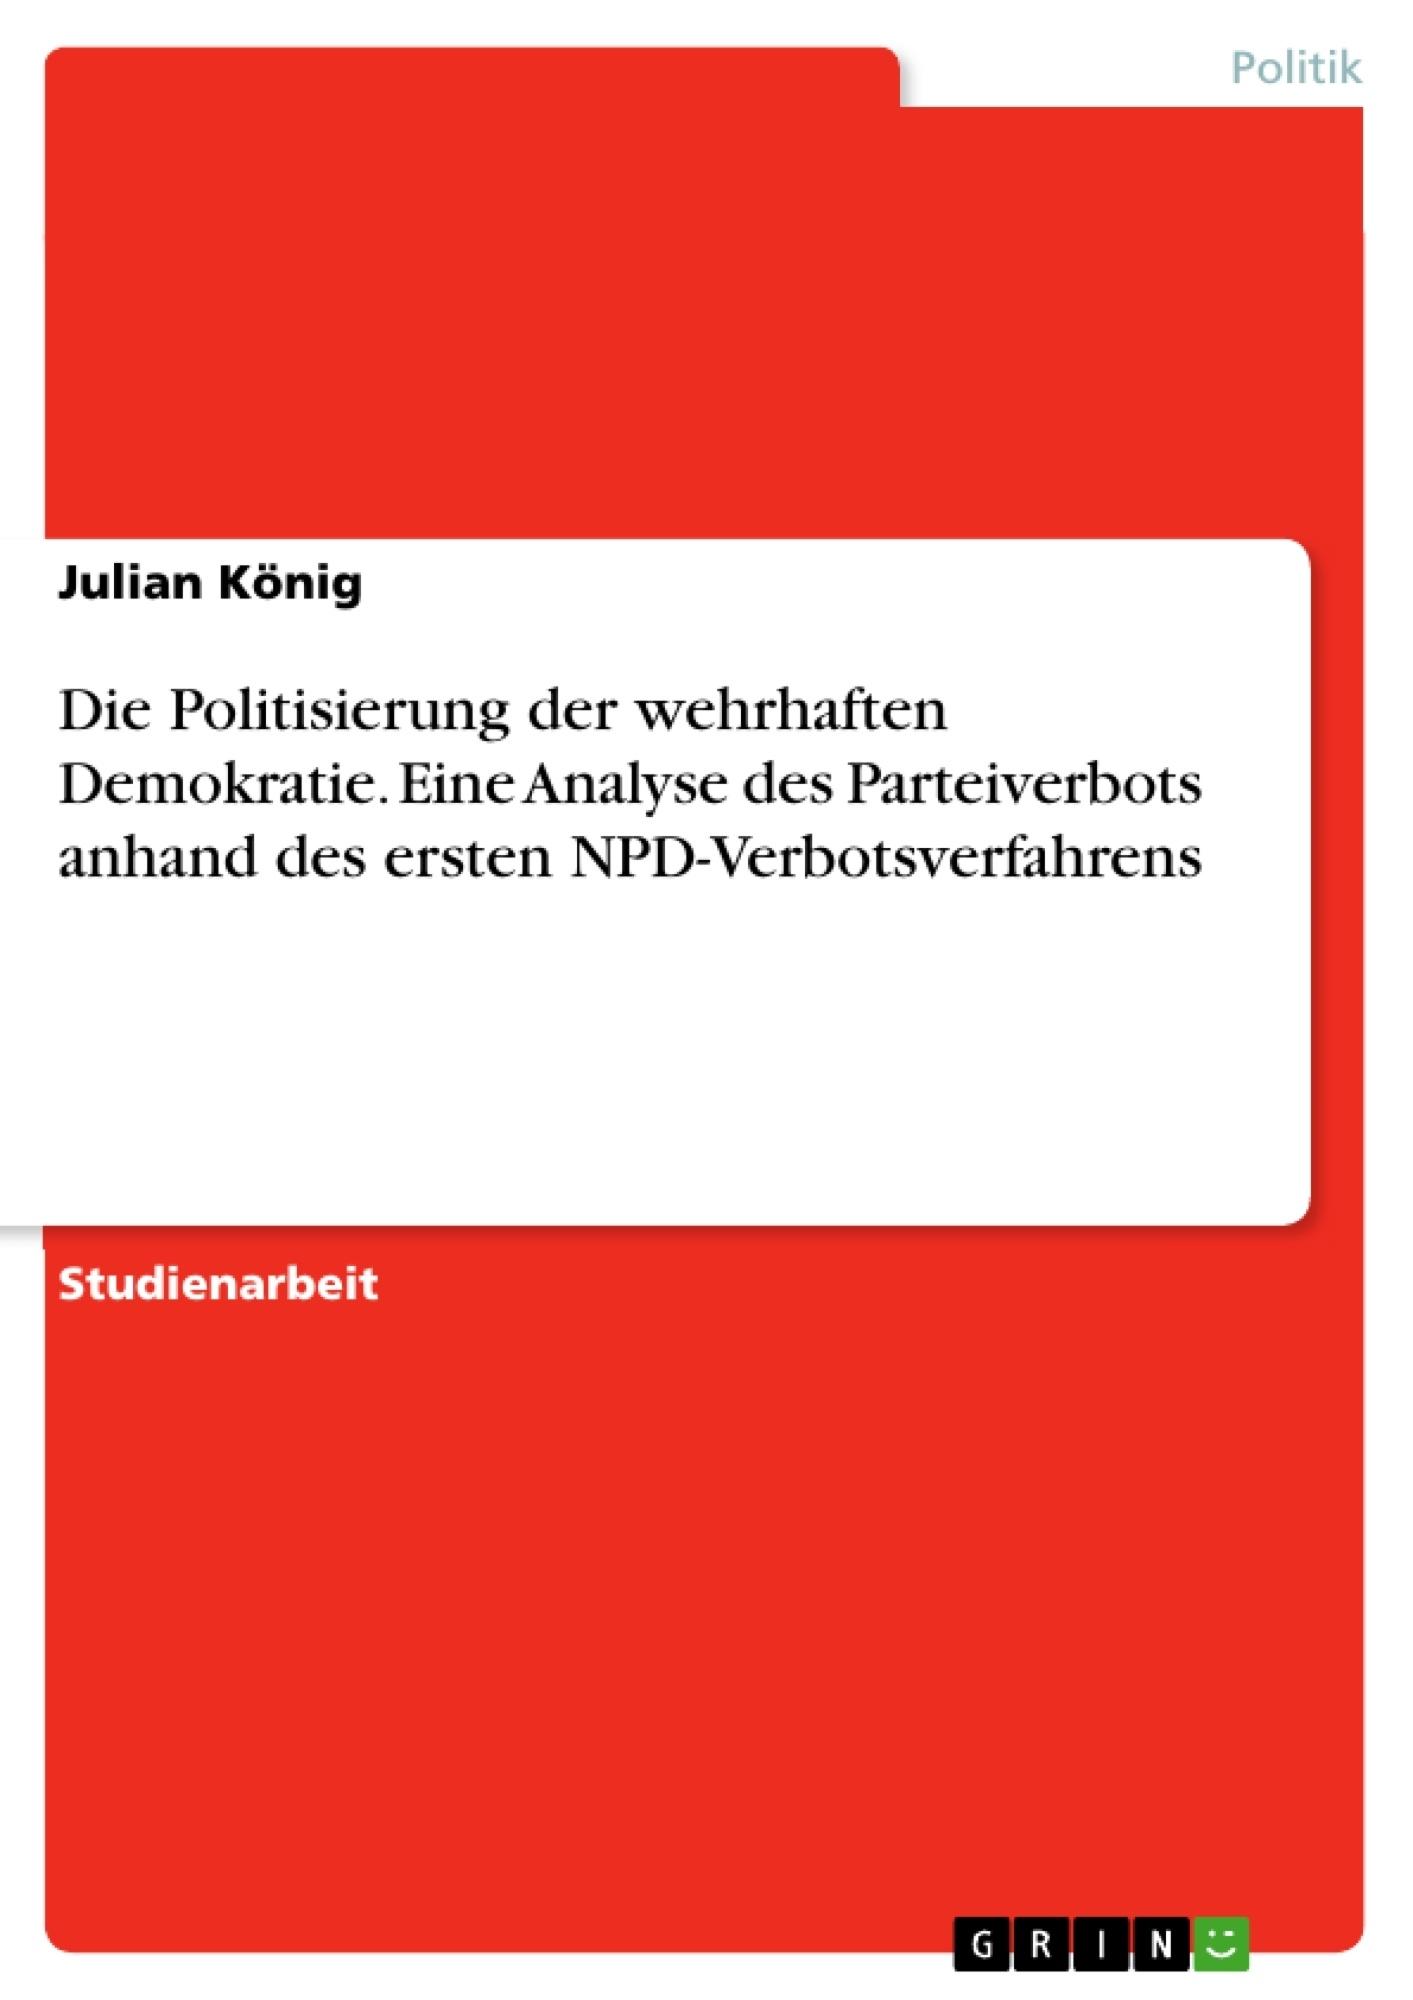 Titel: Die Politisierung der wehrhaften Demokratie. Eine Analyse des Parteiverbots anhand des ersten NPD-Verbotsverfahrens